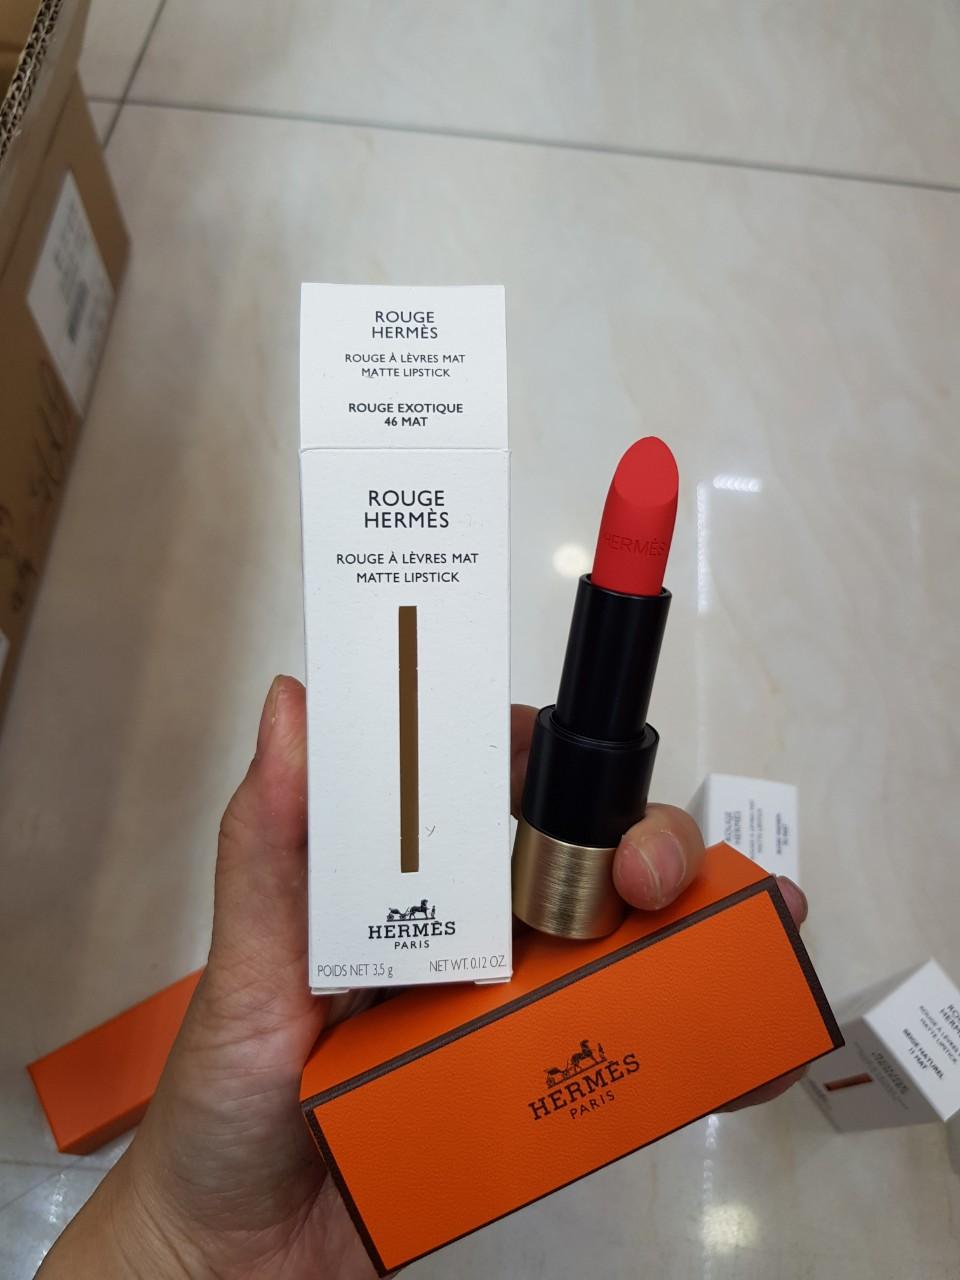 Son Rouge À Lèvres Mat Matte Lipstick Hermès | Mifashop